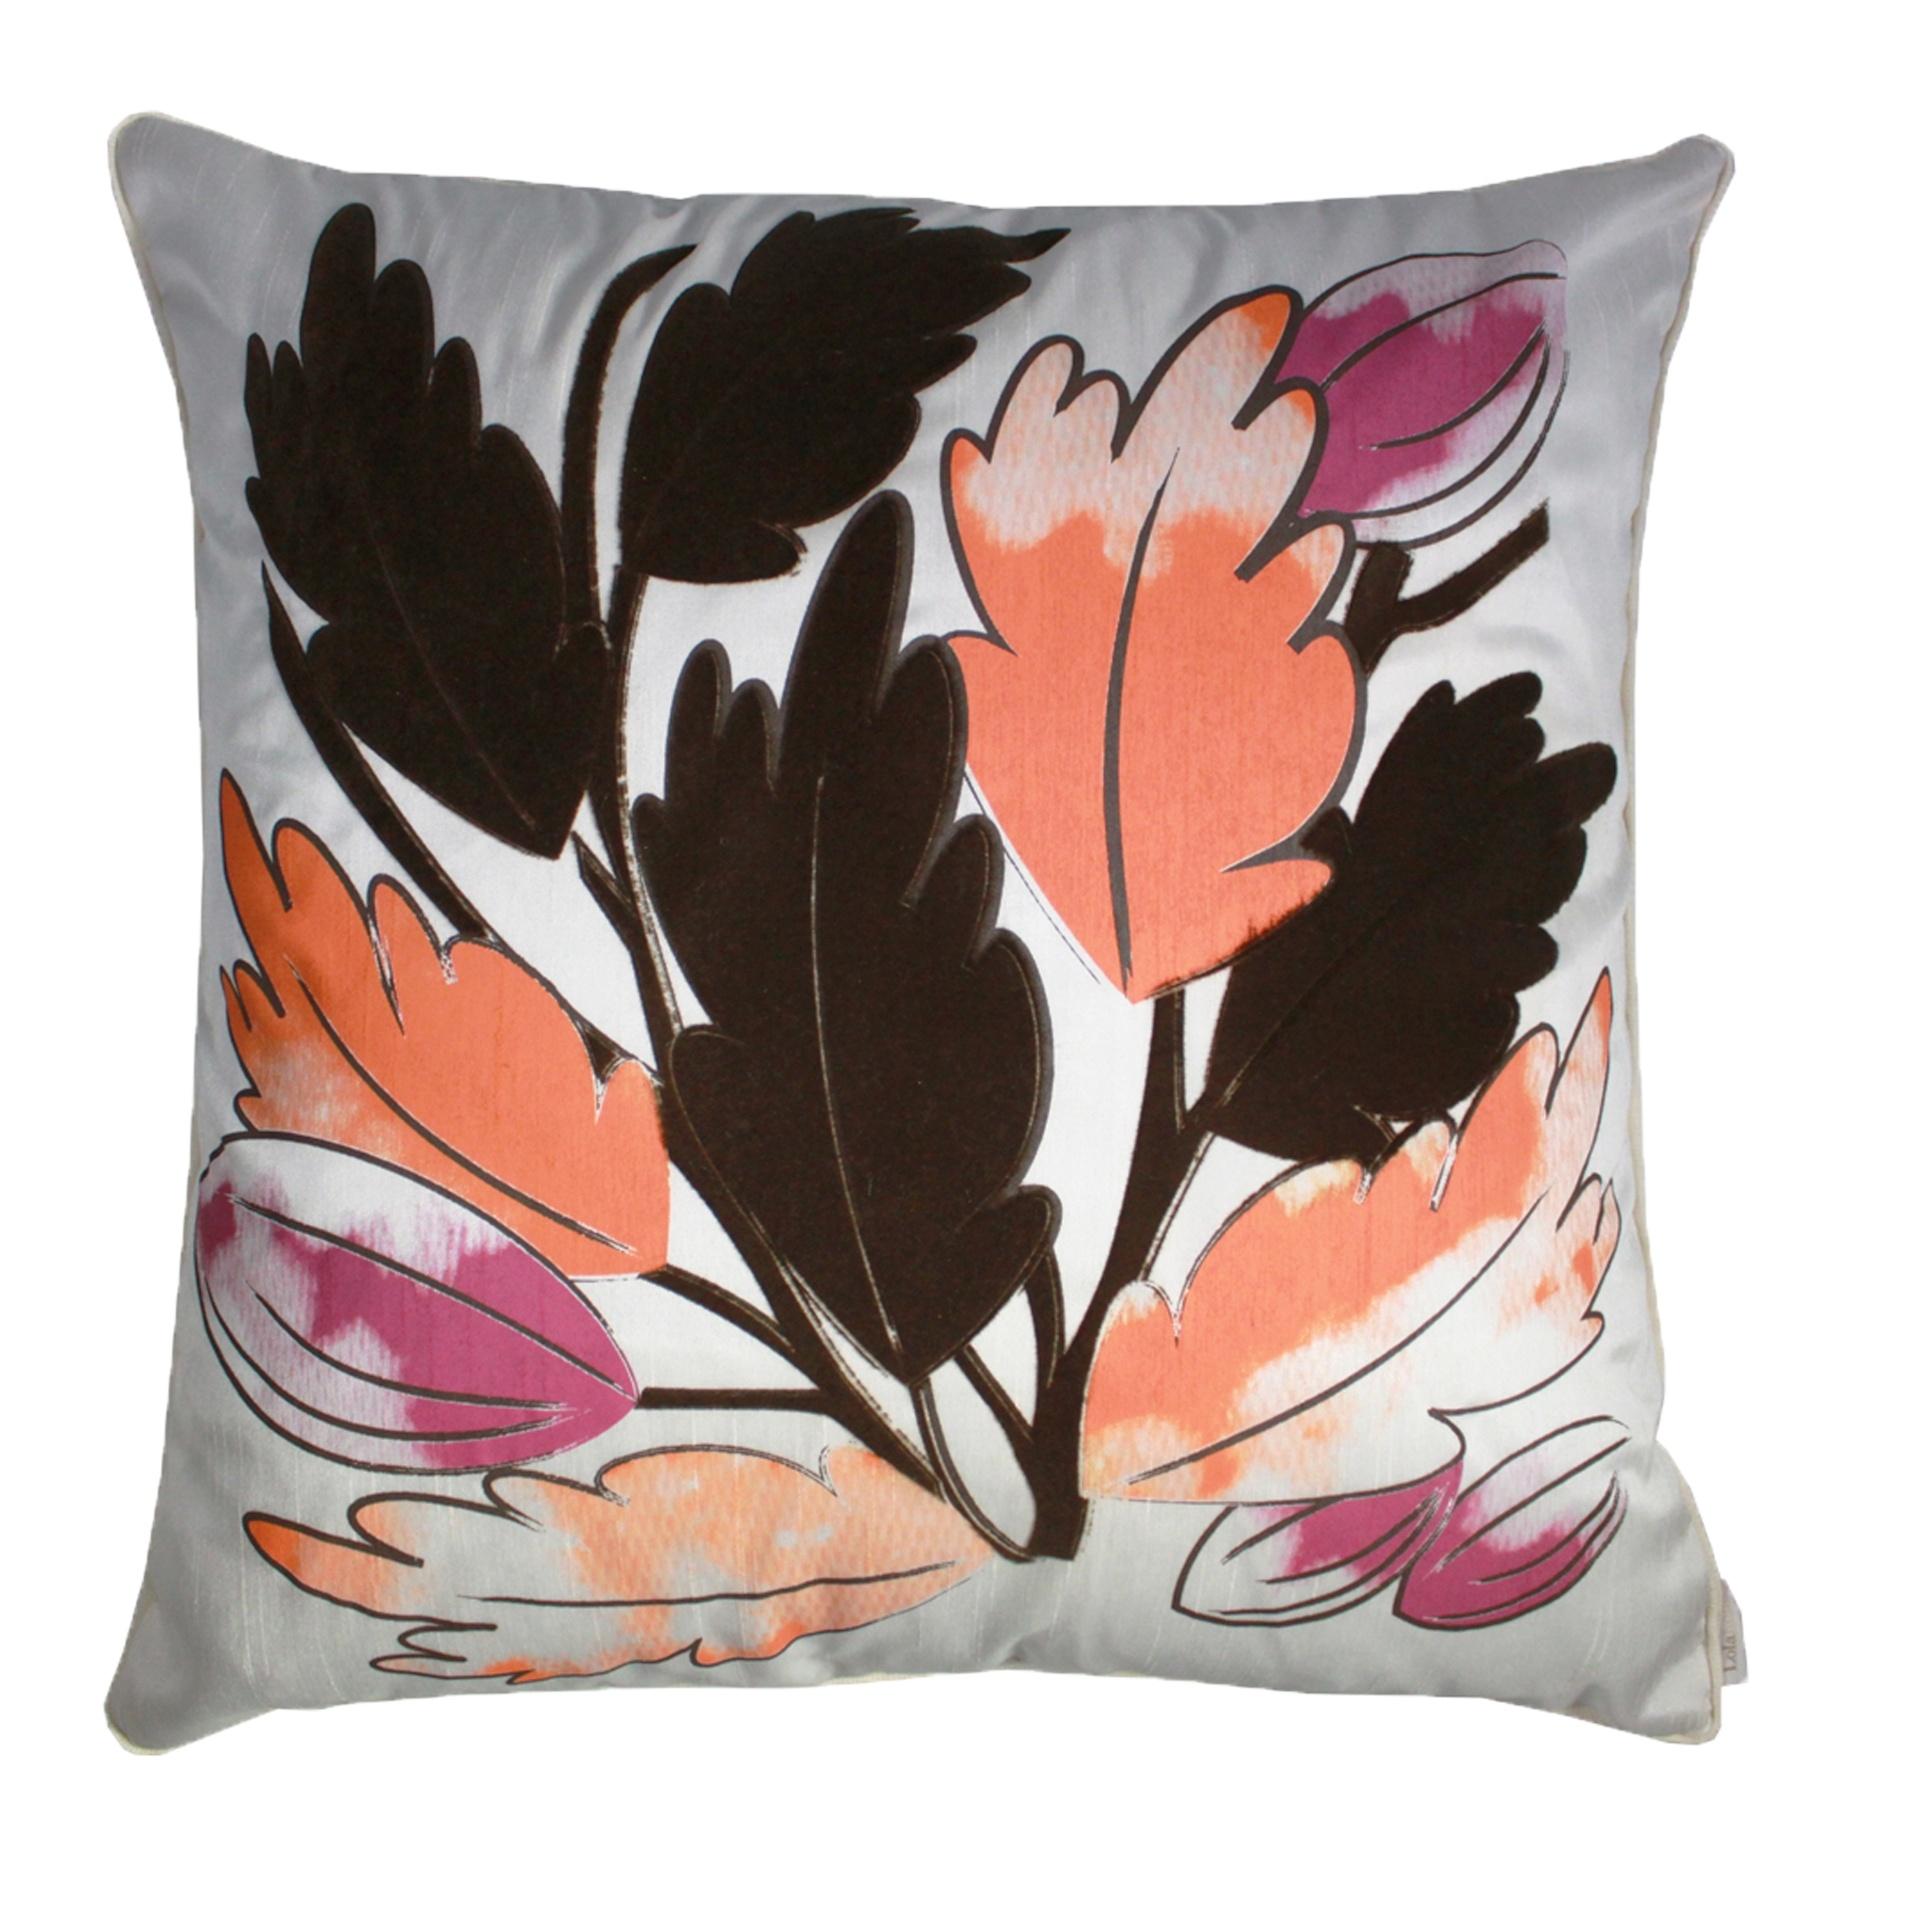 A almofada Cacau, confeccionada em seda, é um dos produtos da Lolahome (www.lolahome.com.br) | Para outras informações, consulte o fornecedor